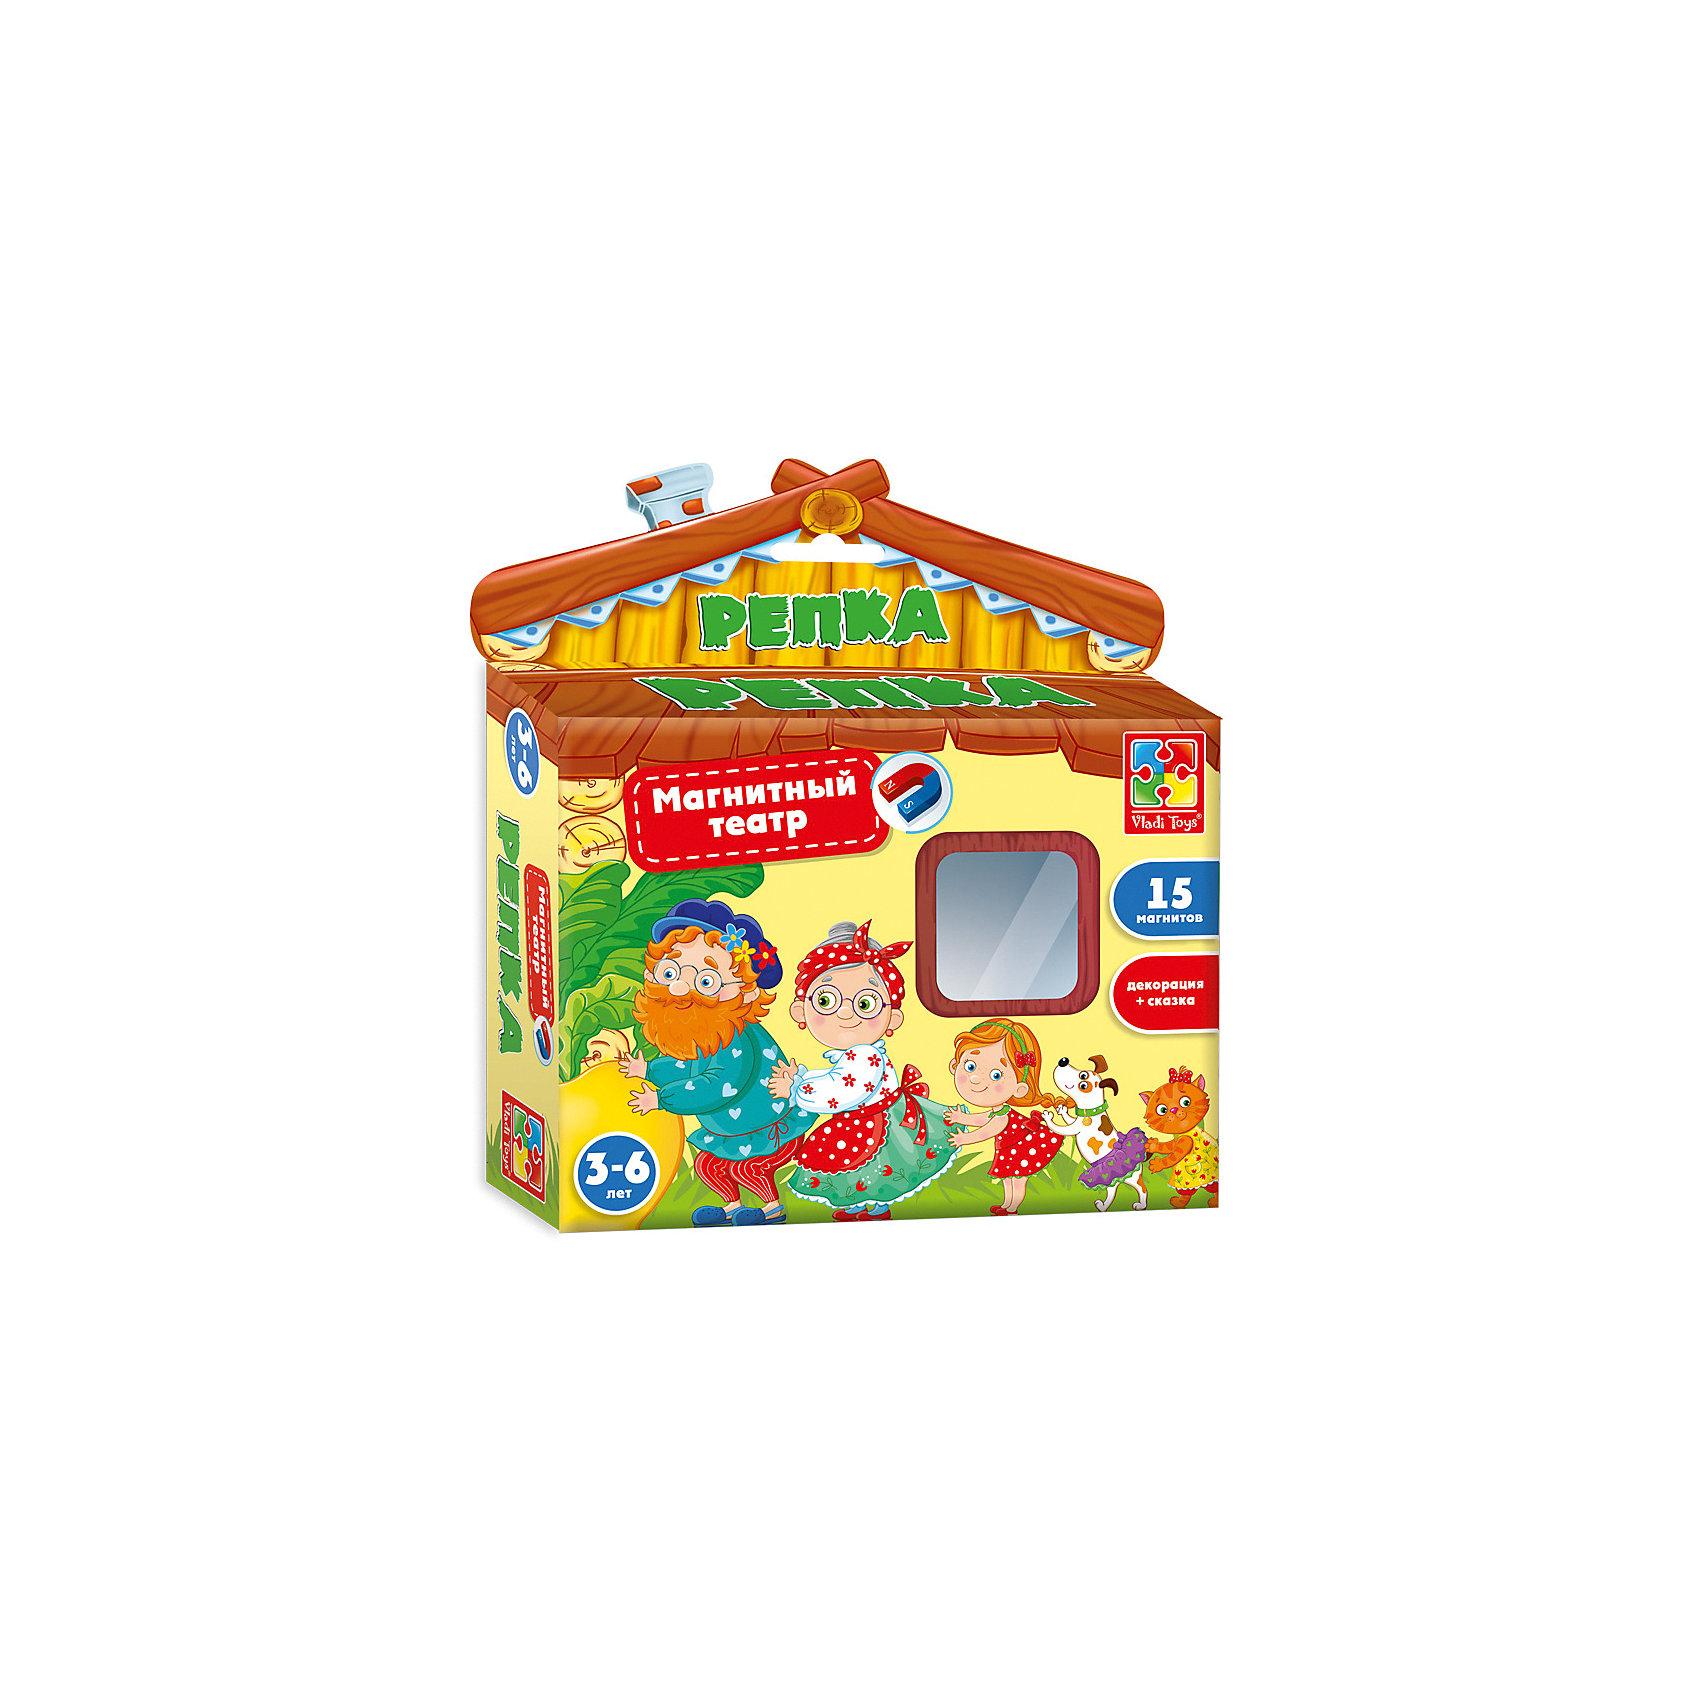 Магнитный театр Репка , Vladi ToysРазвивающие игры<br>Магнитный театр Репка, Vladi Toys.<br><br>Характеристики:<br><br>- Возраст: от 3 до 6 лет<br>- Комплектация: мягкие магниты 12 шт., текст сказки<br>- Толщина магнитиков: около 3 мм.<br>- Материал: картон, вспененный полиэтилен, магнитный слой<br>- Упаковка: красочная картонная коробка в виде домика<br>- Размер упаковки: 16,5х19х4,5 см.<br><br>Классическая русская сказка Репка теперь представлена в новом формате. Холодильник, магнитный планшет или любая другая удобная металлическая поверхность станут сценой для постановки маленького спектакля. Все персонажи сказки - это объемные яркие магниты. Магниты выполнены из мягкого материала изолона (вспененный полиэтилен). На который с одной стороны наклеены картинки из картона, а с другой - магнитный слой. Благодаря удобной форме ваш малыш сможет самостоятельно передвигать по воображаемой сцене героев сказки и декорации (подсолнух, забор, траву, репку). Репка собирается из 3 деталей, как пазл. В комплекте предусмотрен текст сказки Репка, который поможет придерживаться сюжетной линии. Поставить настоящий спектакль дома теперь легко и просто!<br><br>Магнитный театр Репка, Vladi Toys можно купить в нашем интернет-магазине.<br><br>Ширина мм: 165<br>Глубина мм: 190<br>Высота мм: 45<br>Вес г: 110<br>Возраст от месяцев: 24<br>Возраст до месяцев: 60<br>Пол: Унисекс<br>Возраст: Детский<br>SKU: 4954081